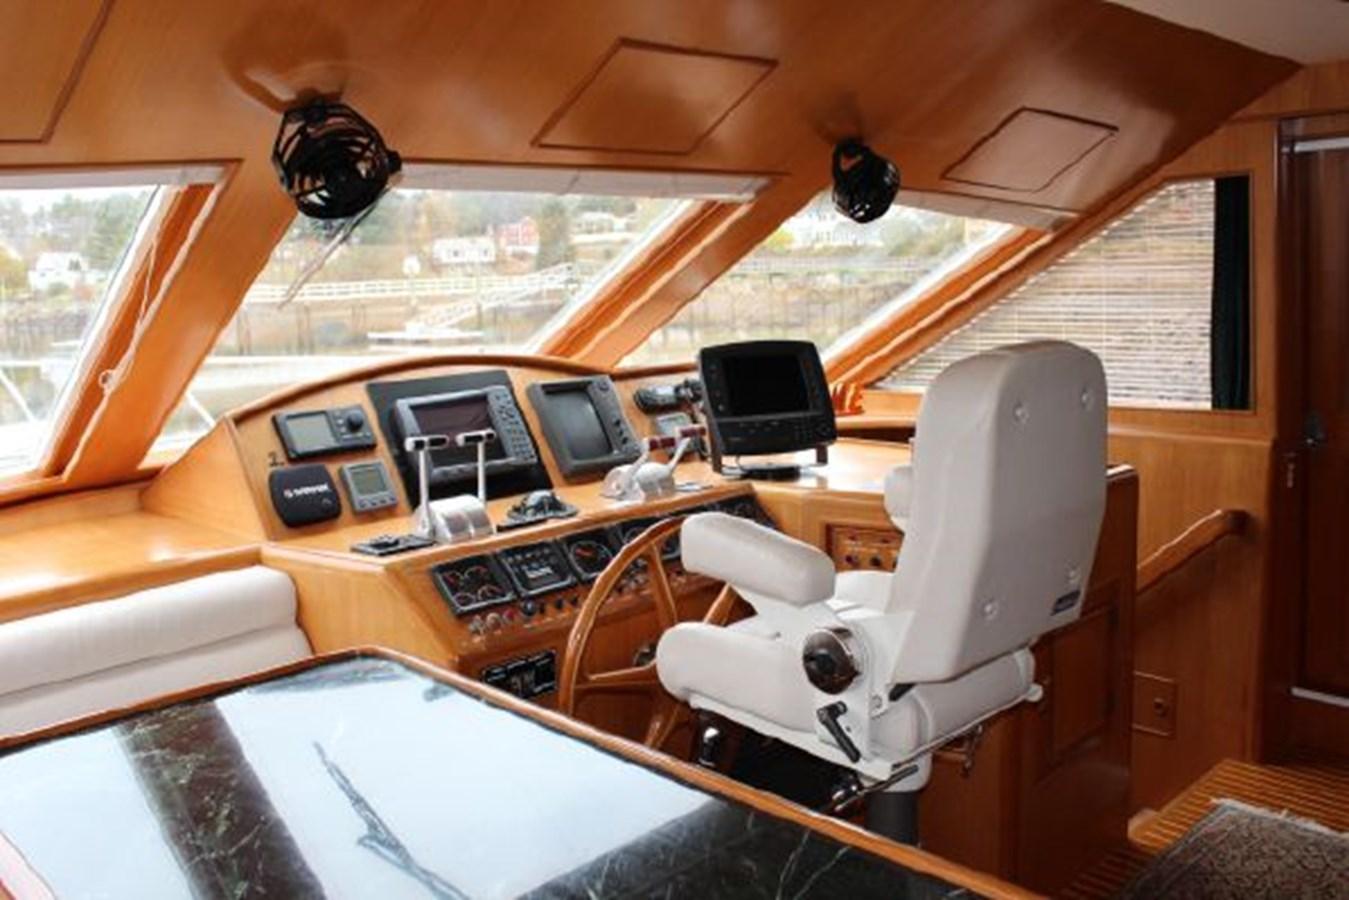 4859061_20141124101311292_1_XLARGE 2000 OCEAN ALEXANDER  Motor Yacht 2837928